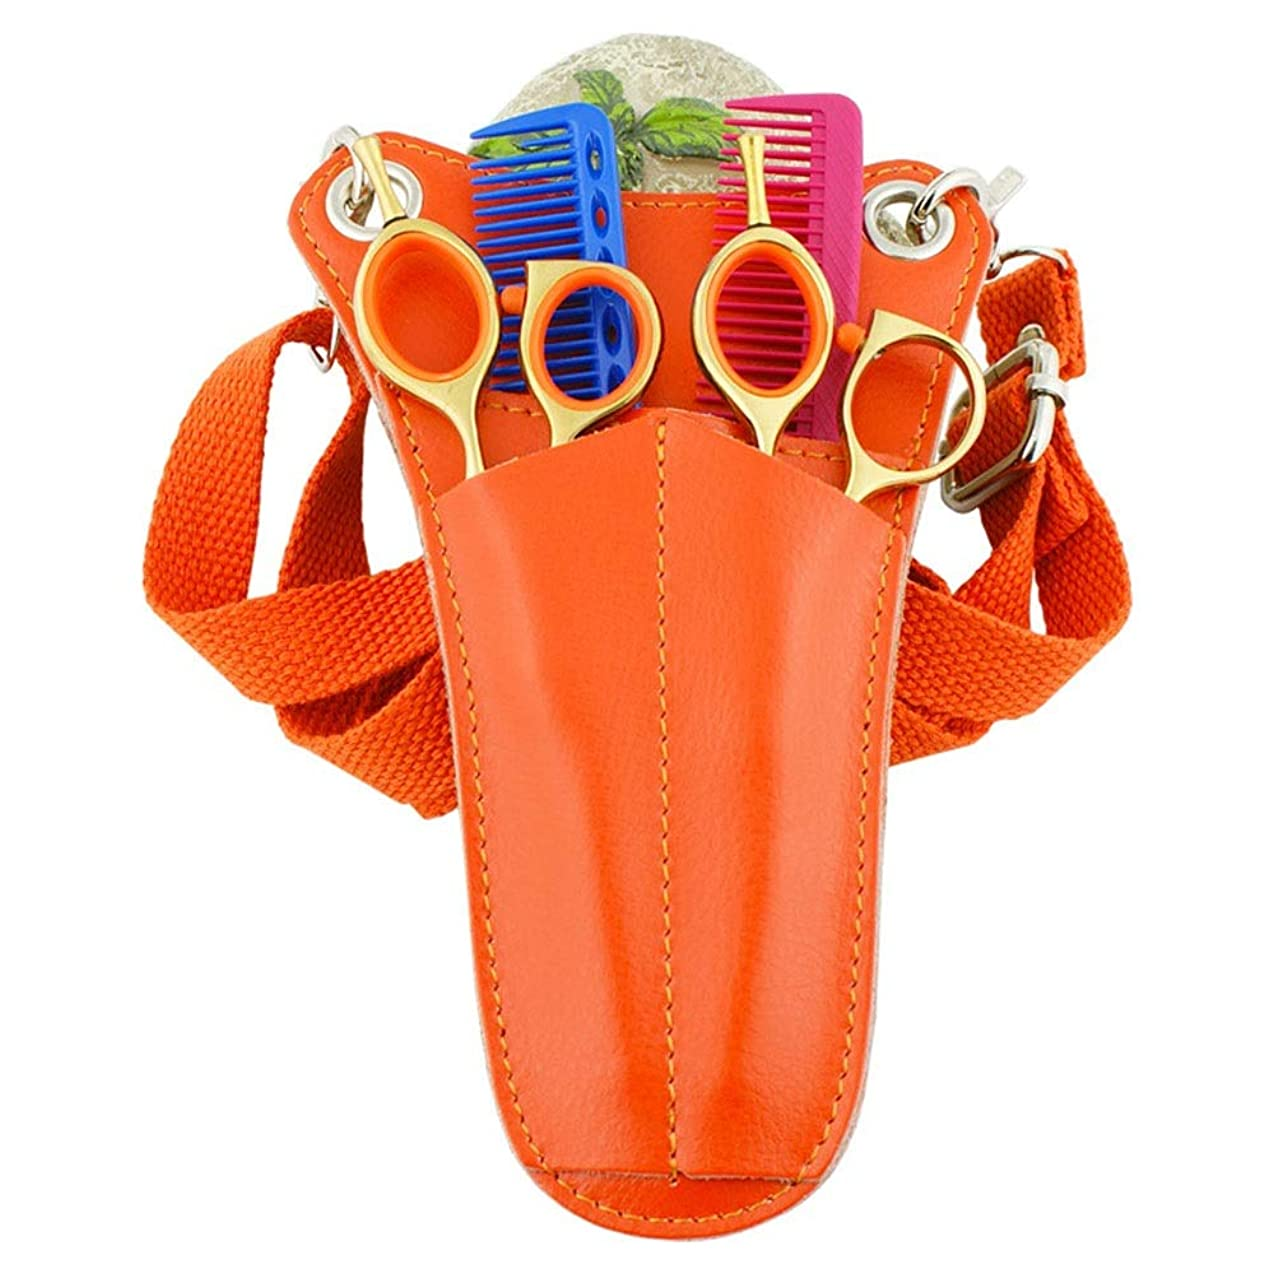 ソーセージ溢れんばかりの光沢JPAKIOS レザーサロンツールウエストバッグトライアングルミニポケットバッグ理髪はさみくしホルスターポーチ (色 : オレンジ)